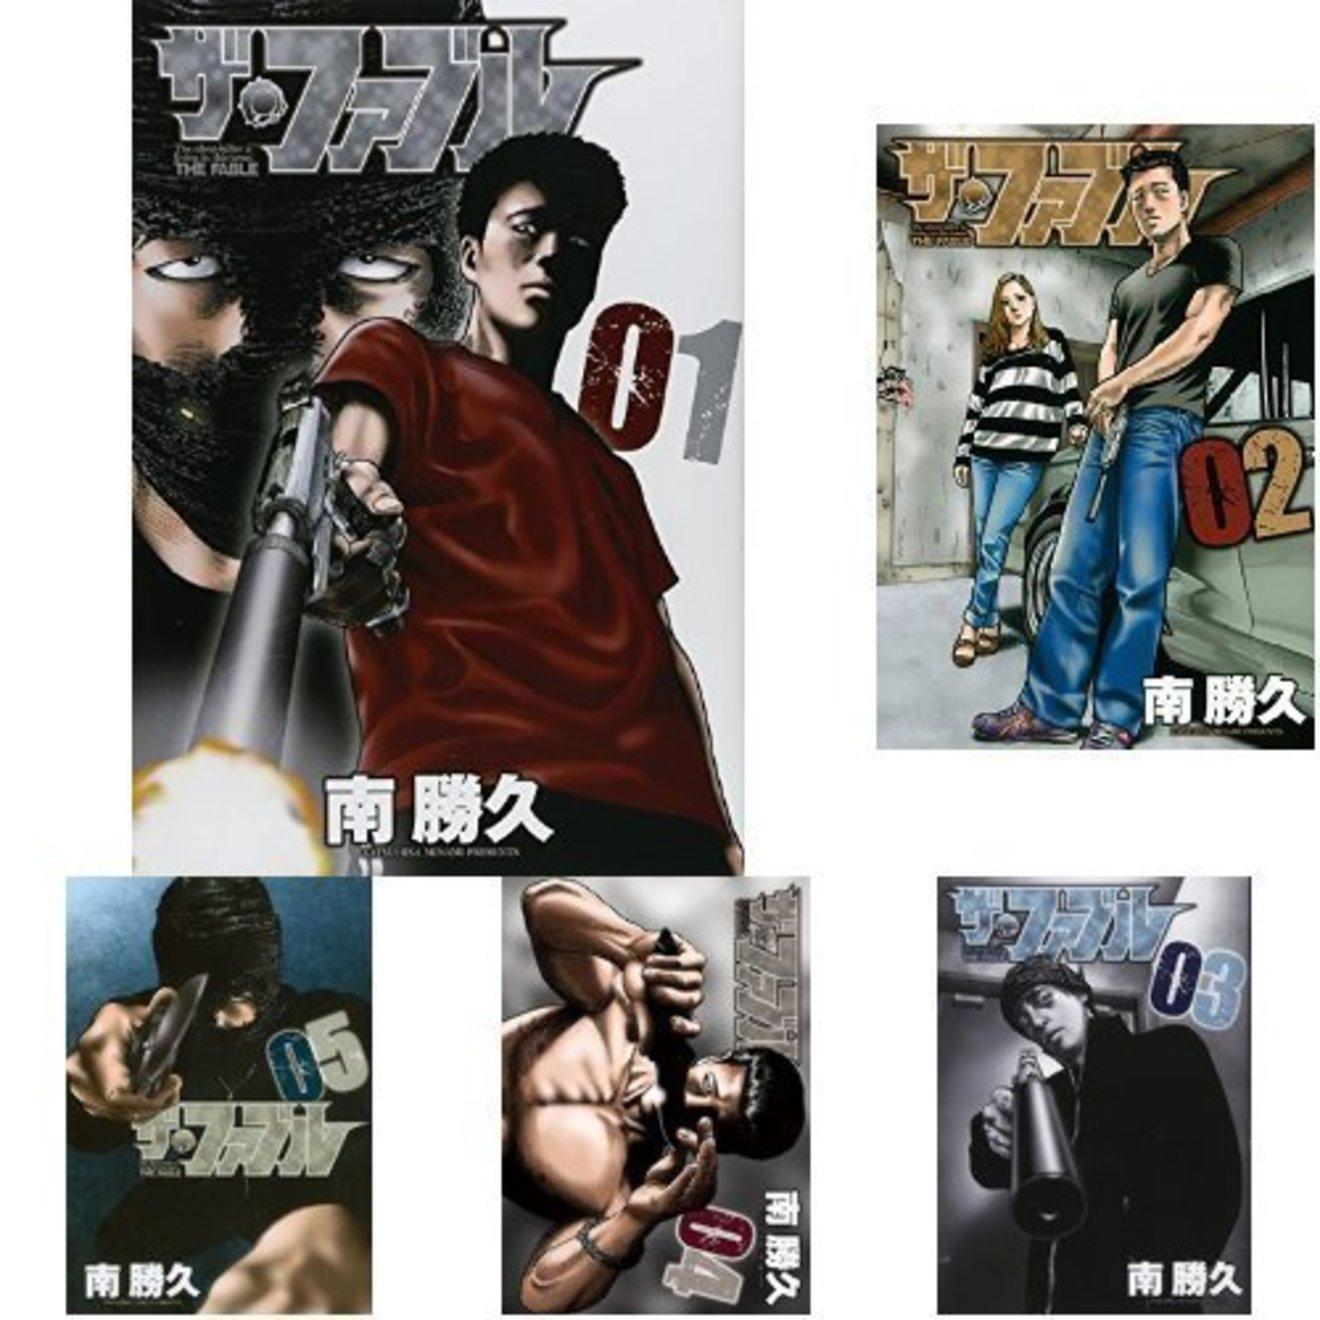 漫画『ザ・ファブル』が面白すぎ!17巻まで全巻ネタバレ!岡田准一で映画化